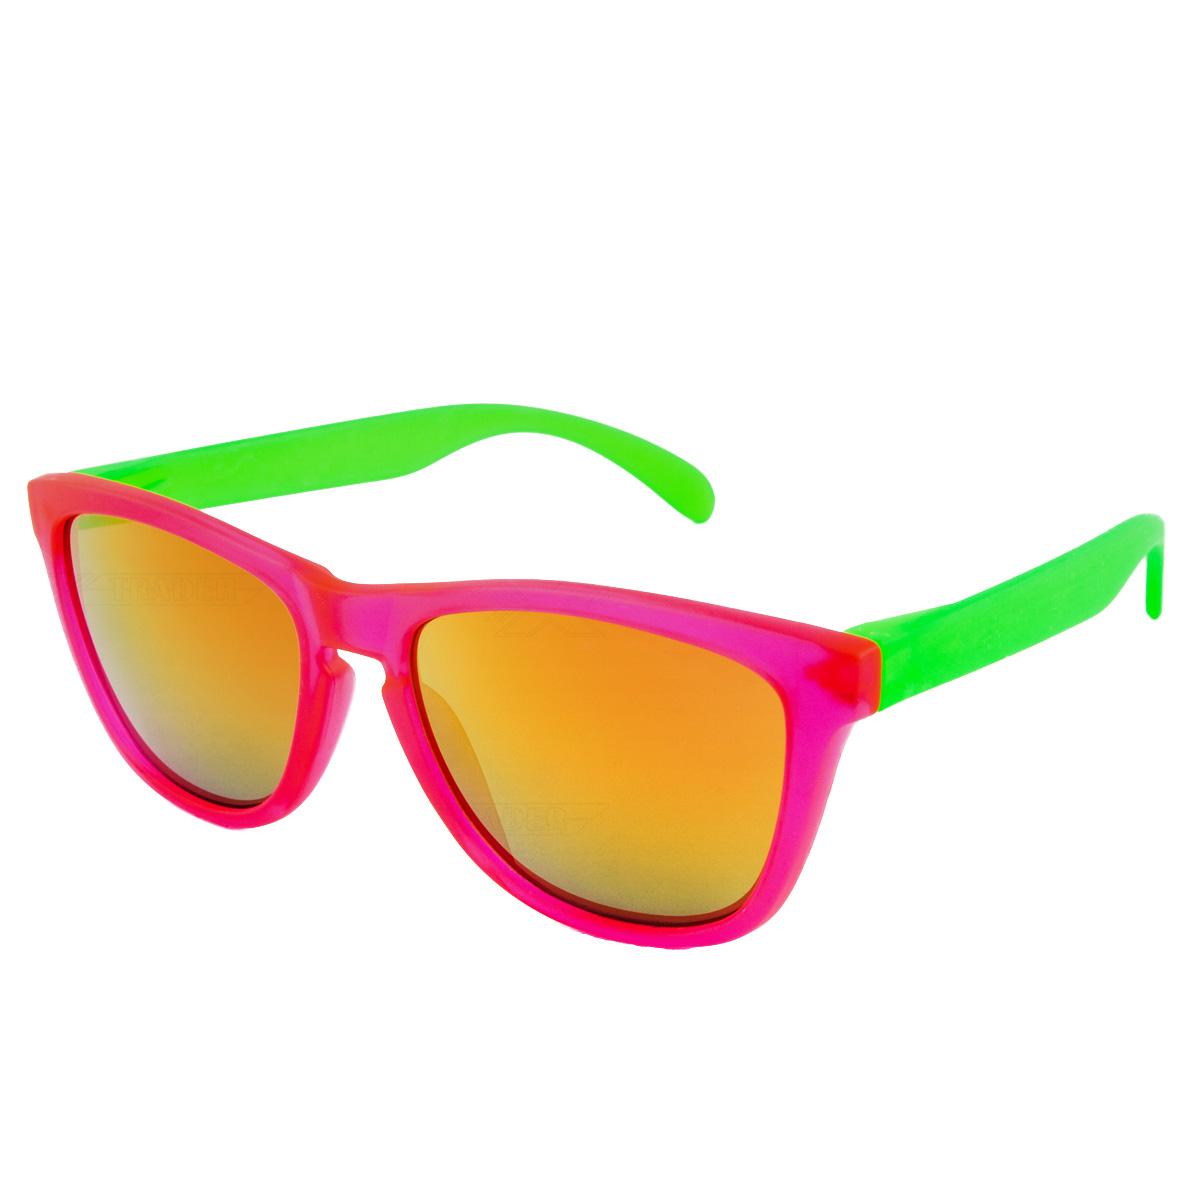 Sluneční brýle Nerd cool růžovo-zelené